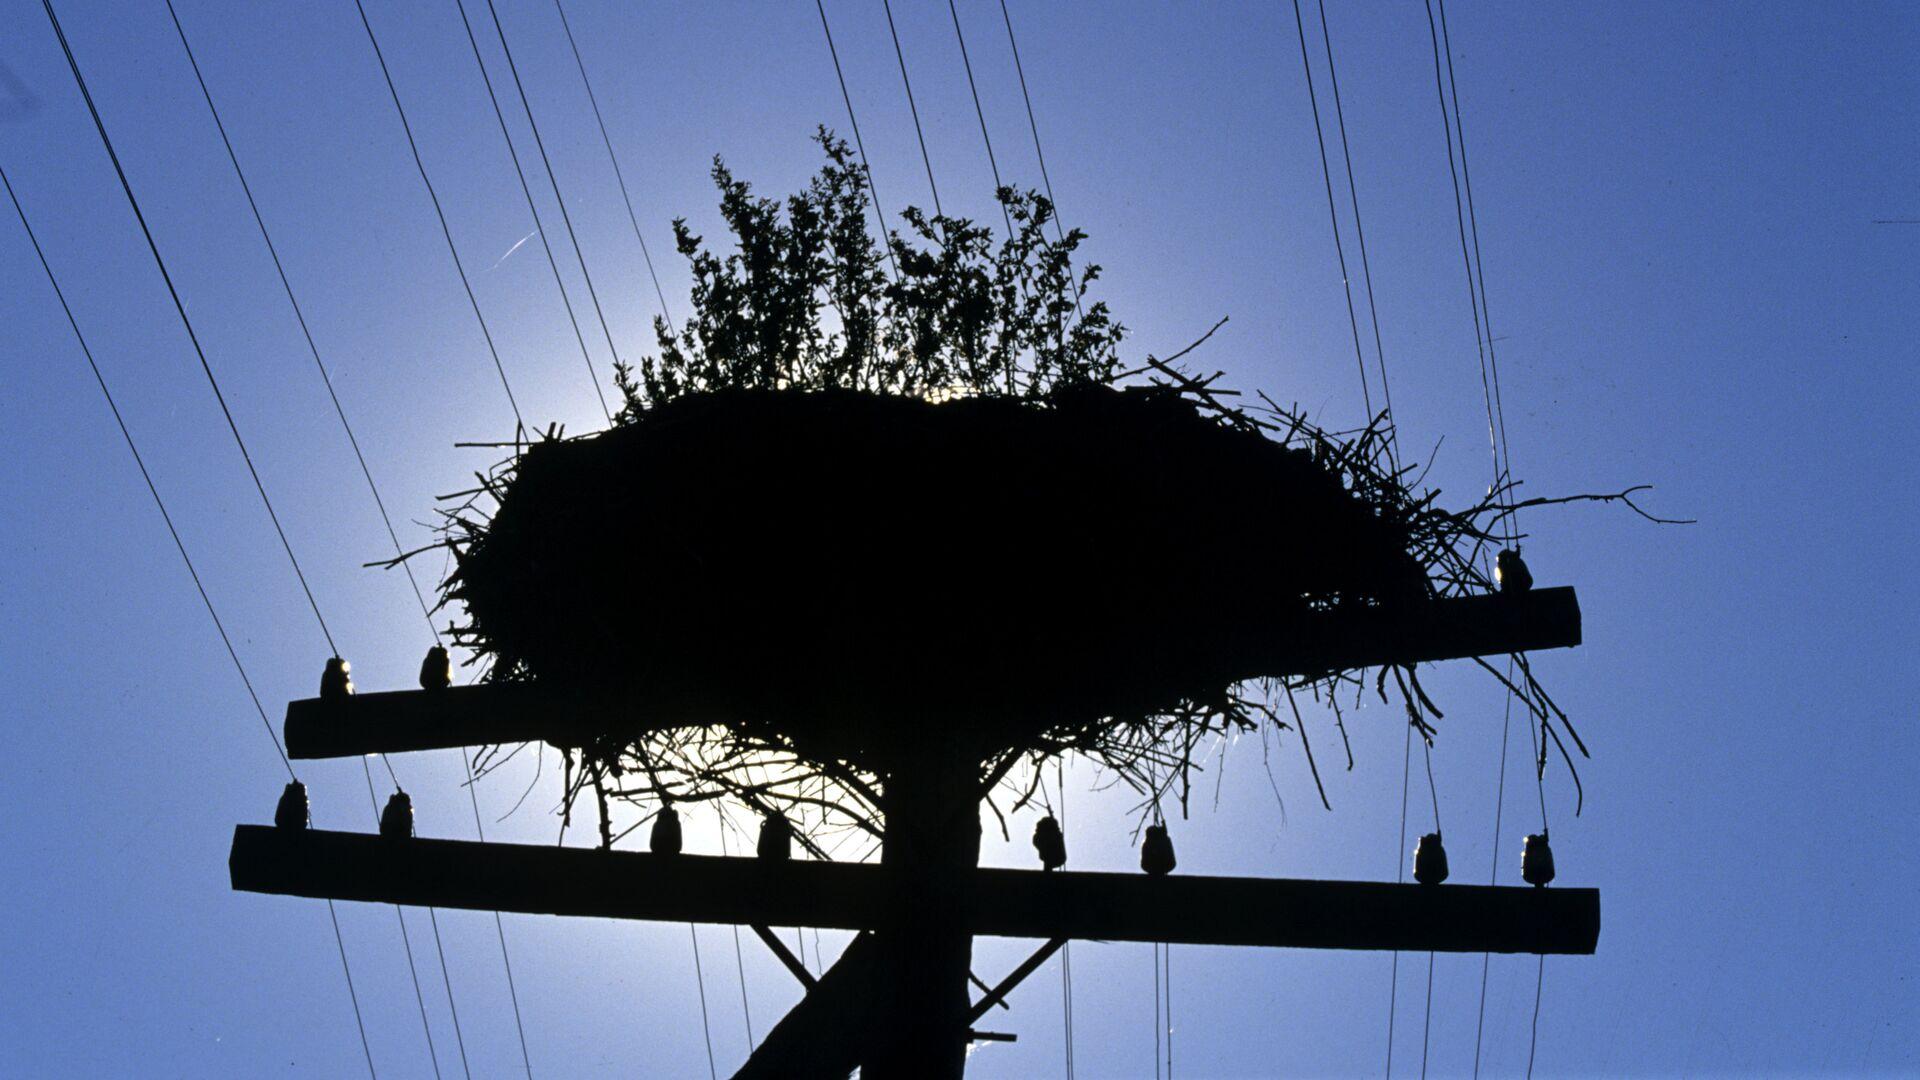 Брошенное гнездо аиста в деревне Чудяны - РИА Новости, 1920, 15.08.2017